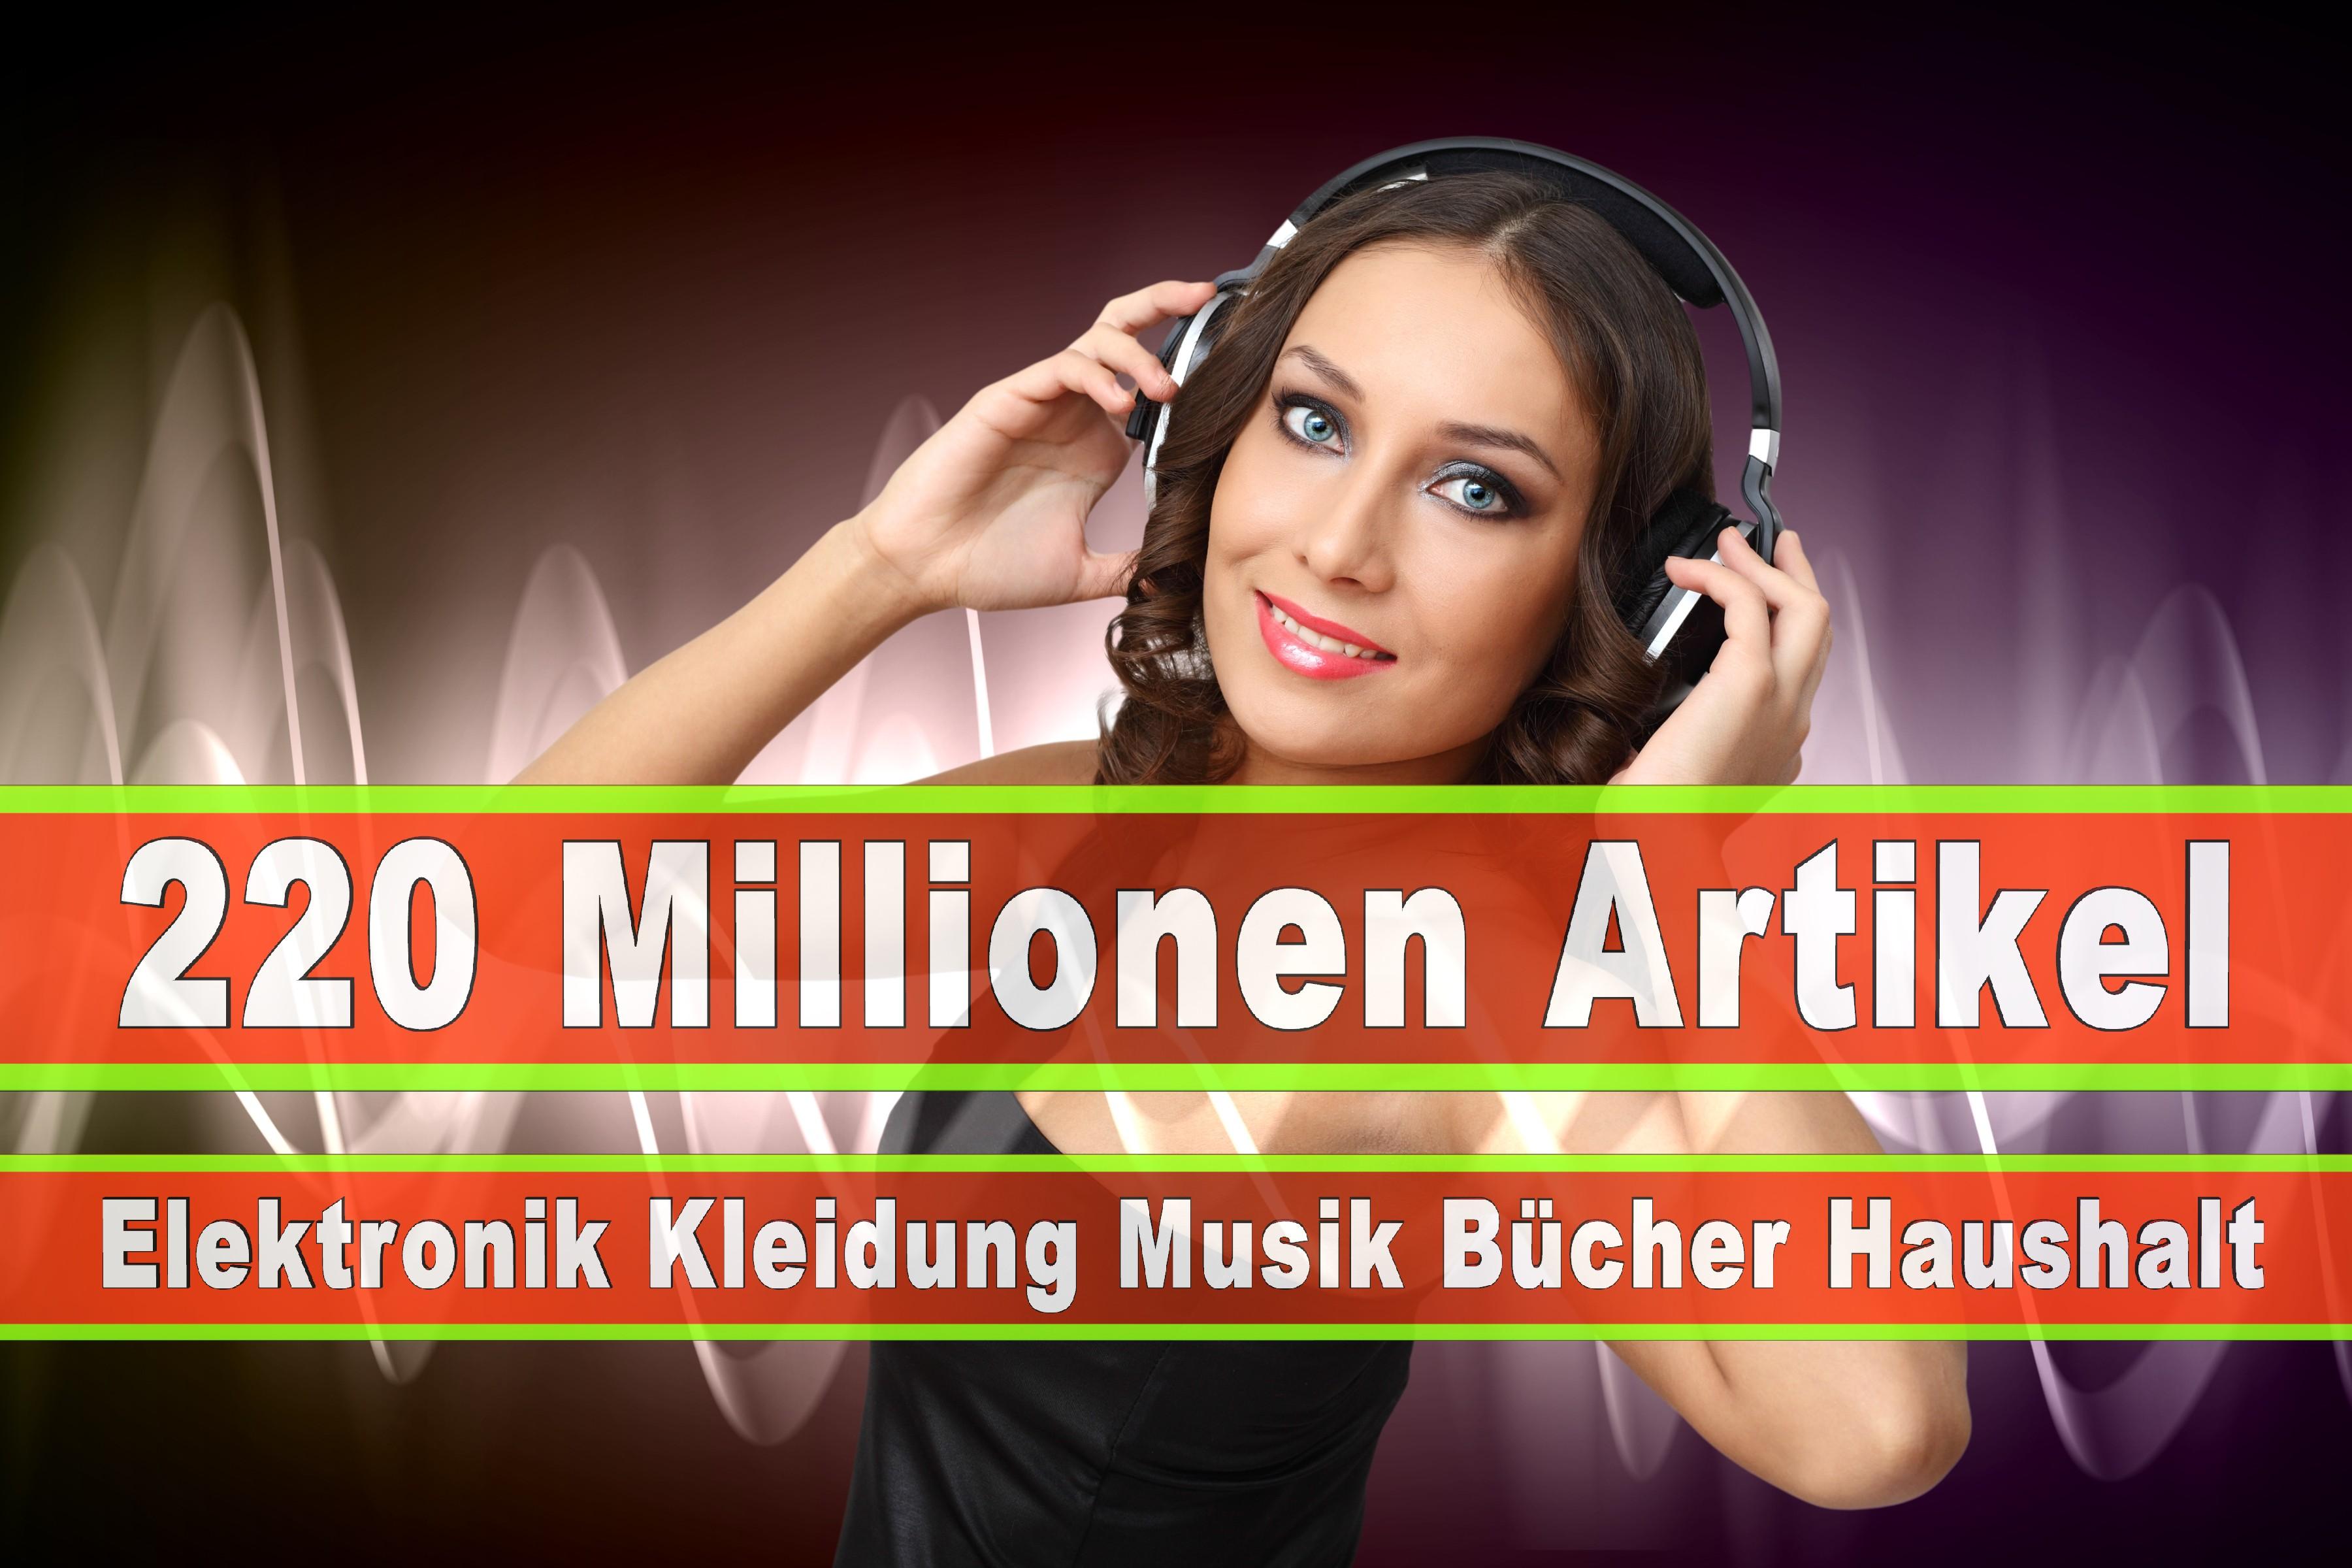 Amazon Elektronik Musik Haushalt Bücher CD DVD Handys Smartphones TV Television Fernseher Kleidung Mode Ebay Versandhaus (224)